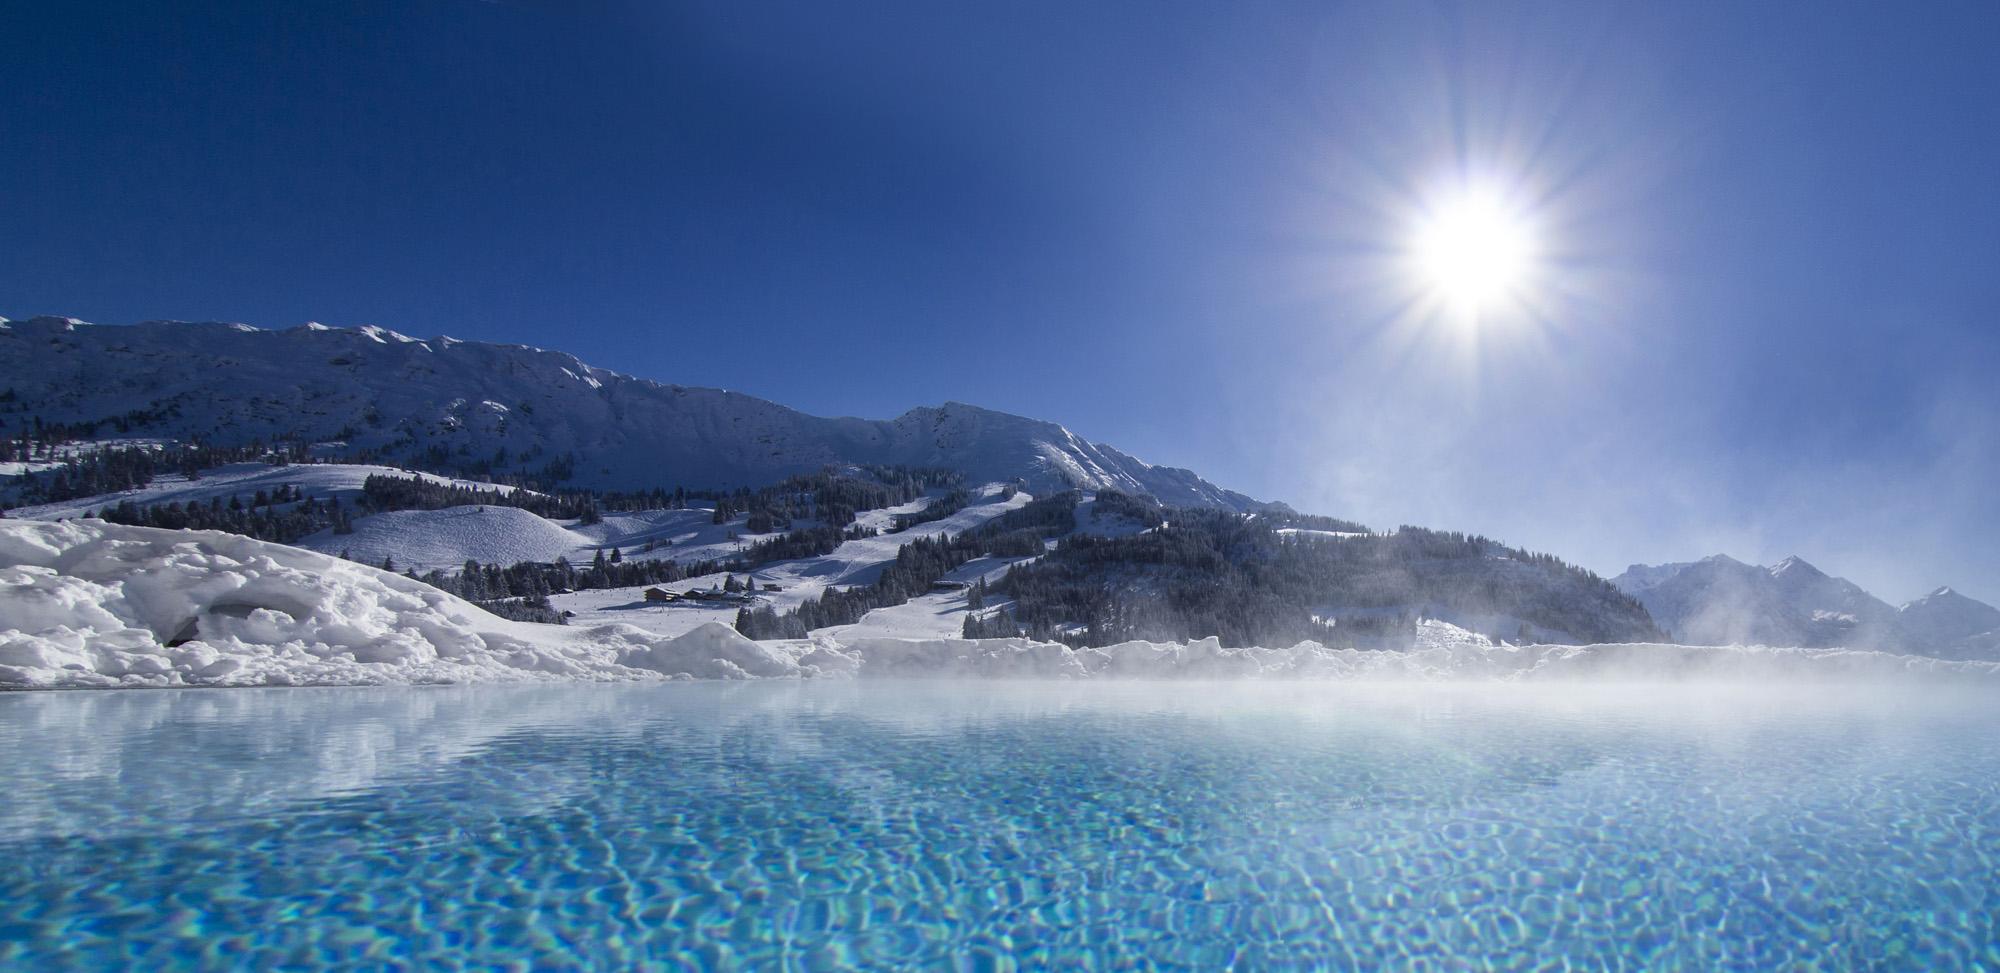 Veltmann Rinnenbecken in eisblau dabei im Schnee